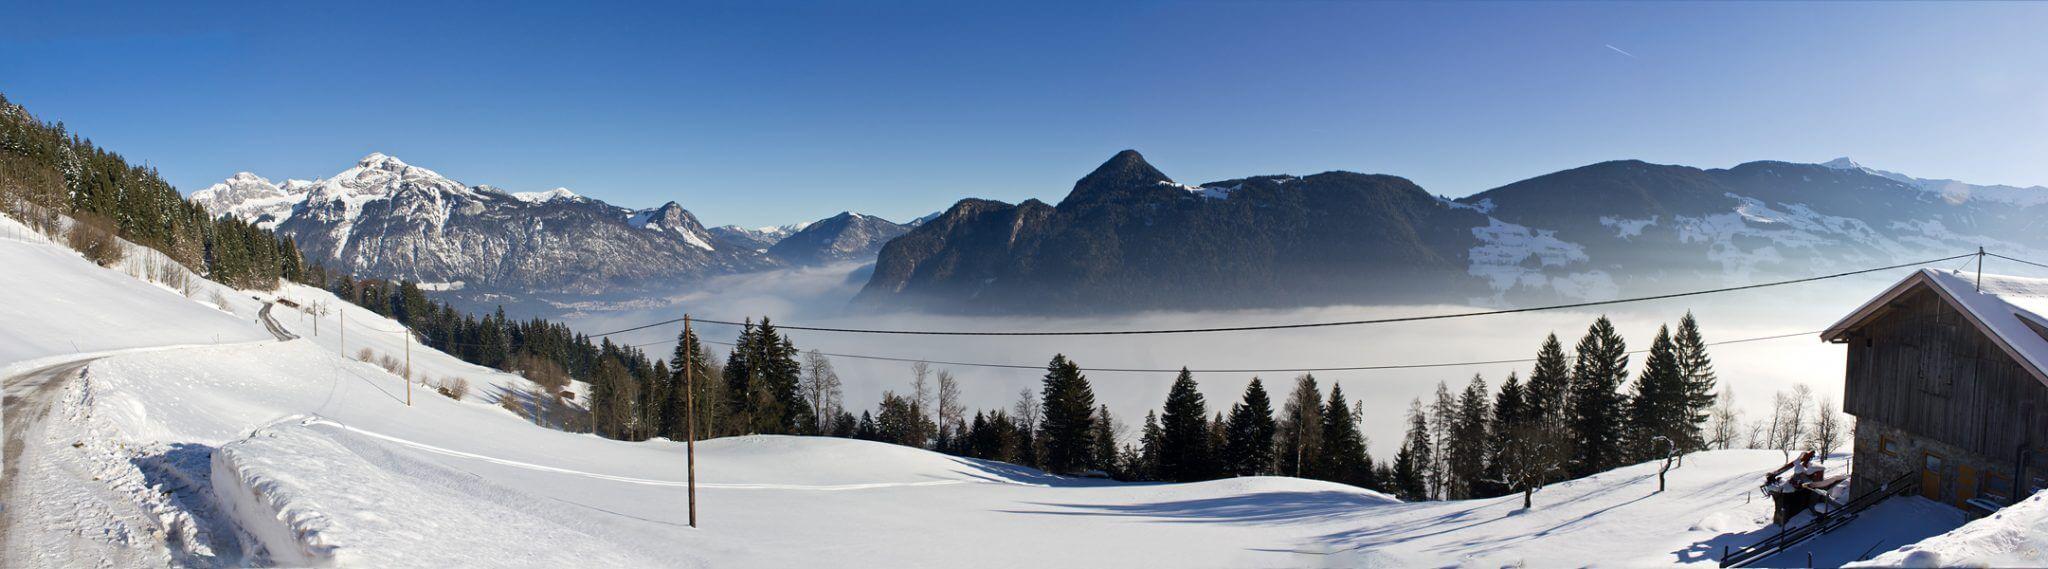 zillertal-oesterreich-panoramafotografie